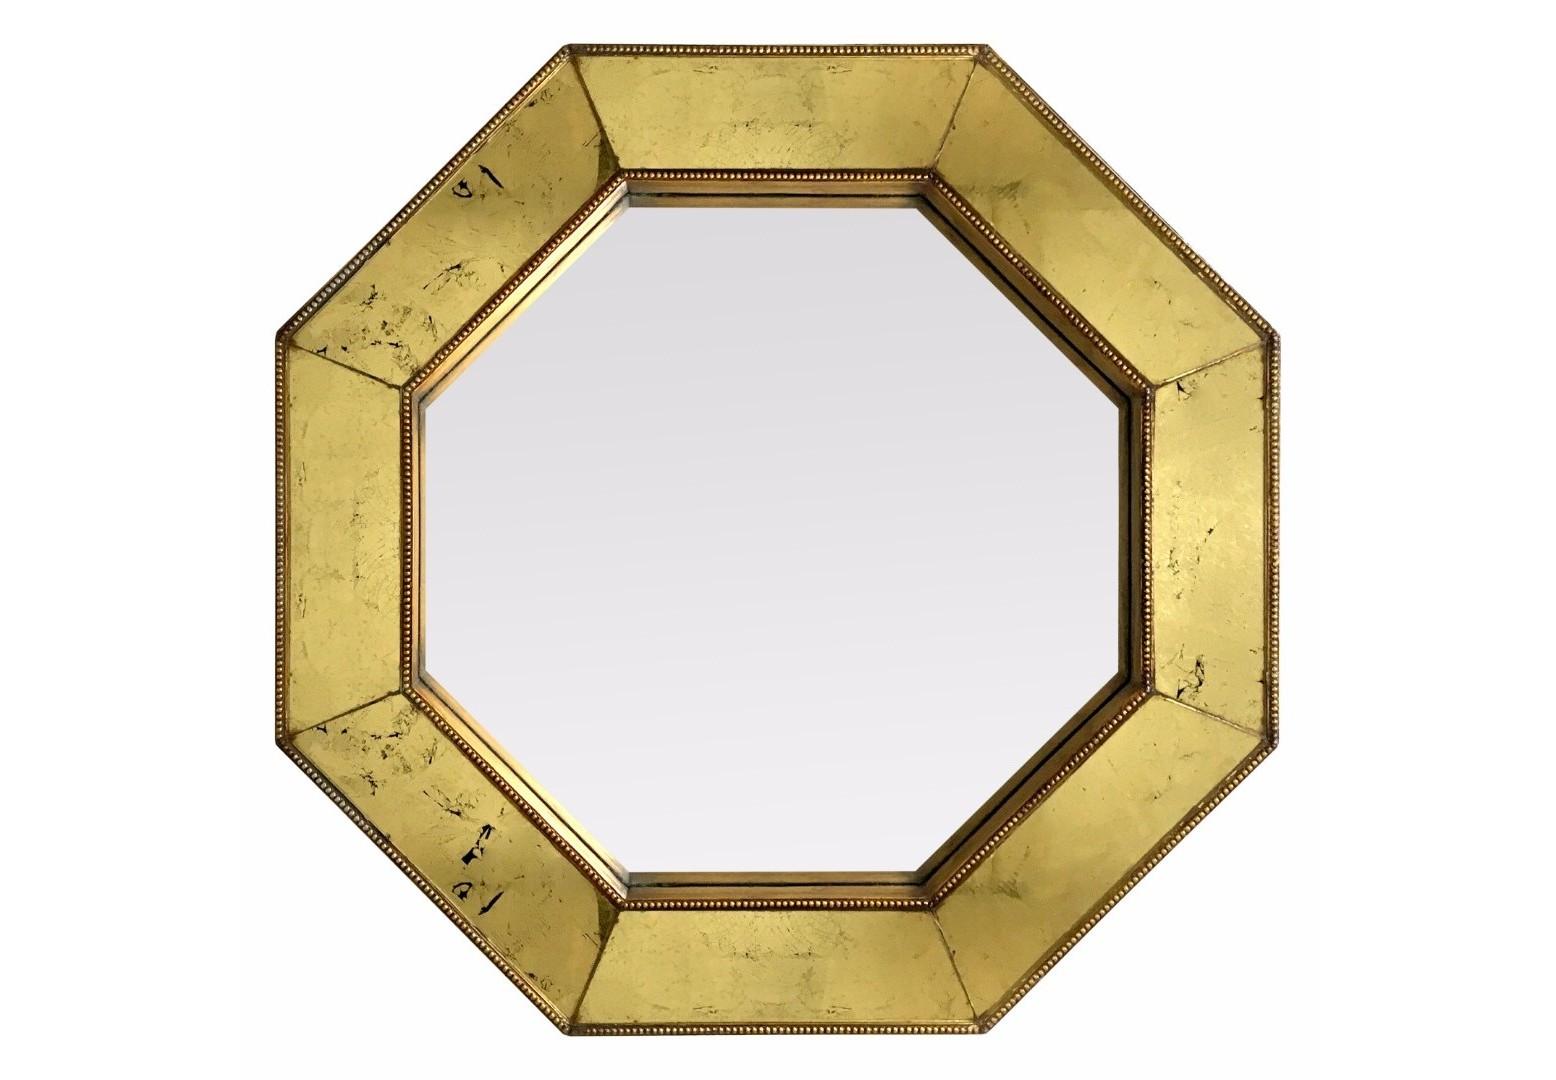 Зеркало JeanНастенные зеркала<br>В наших коллекциях много зеркал выпуклой и вогнутой формы. Это же изделие плоское при виде сбоку. Поталевые зеркала - личная разработка наших мастеров, стильный декор в виде шариков по внутреннему и внешнему кантам рамы, массив дерева и изящная форма - все это делает зеркало неповторимым и по-настоящему особенным. Создано с любовью!&amp;nbsp;Возможно изготовление по Вашим цветам и размерам.Материал: массив дерева, поталевые зеркала, классическое зеркало.<br><br>kit: None<br>gender: None